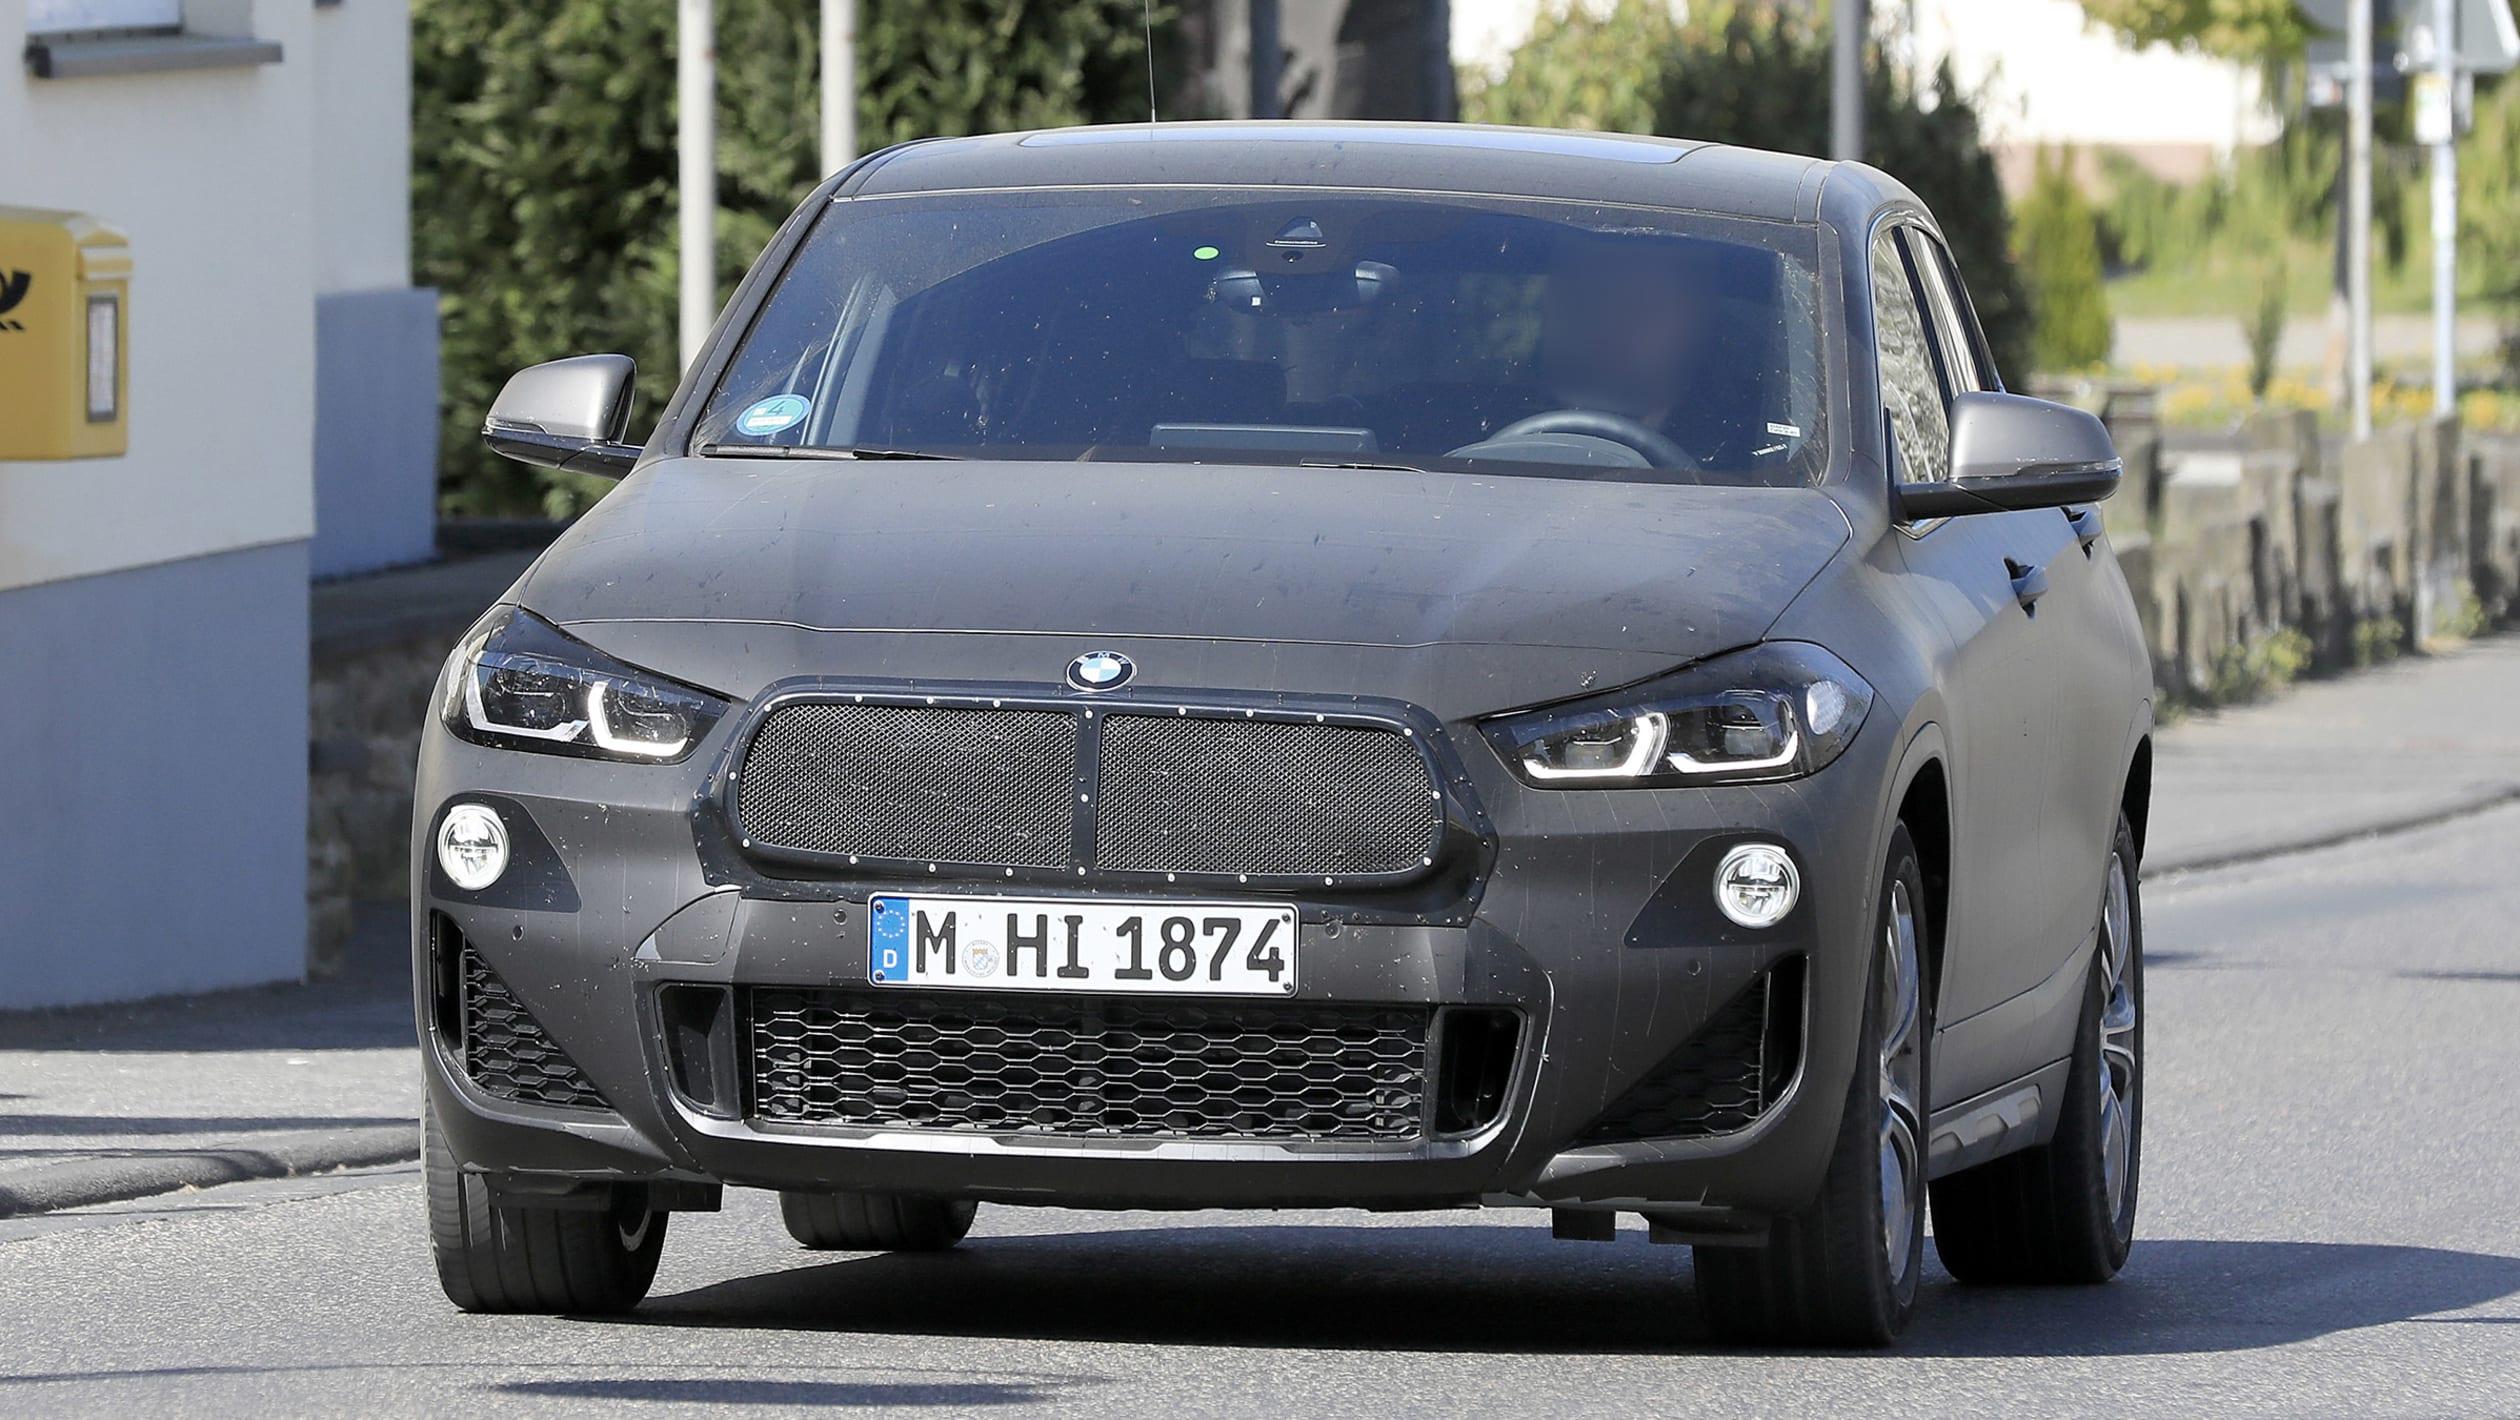 2017 - [BMW] X2 [F39] - Page 16 BMW%20X2%20spy%20shots